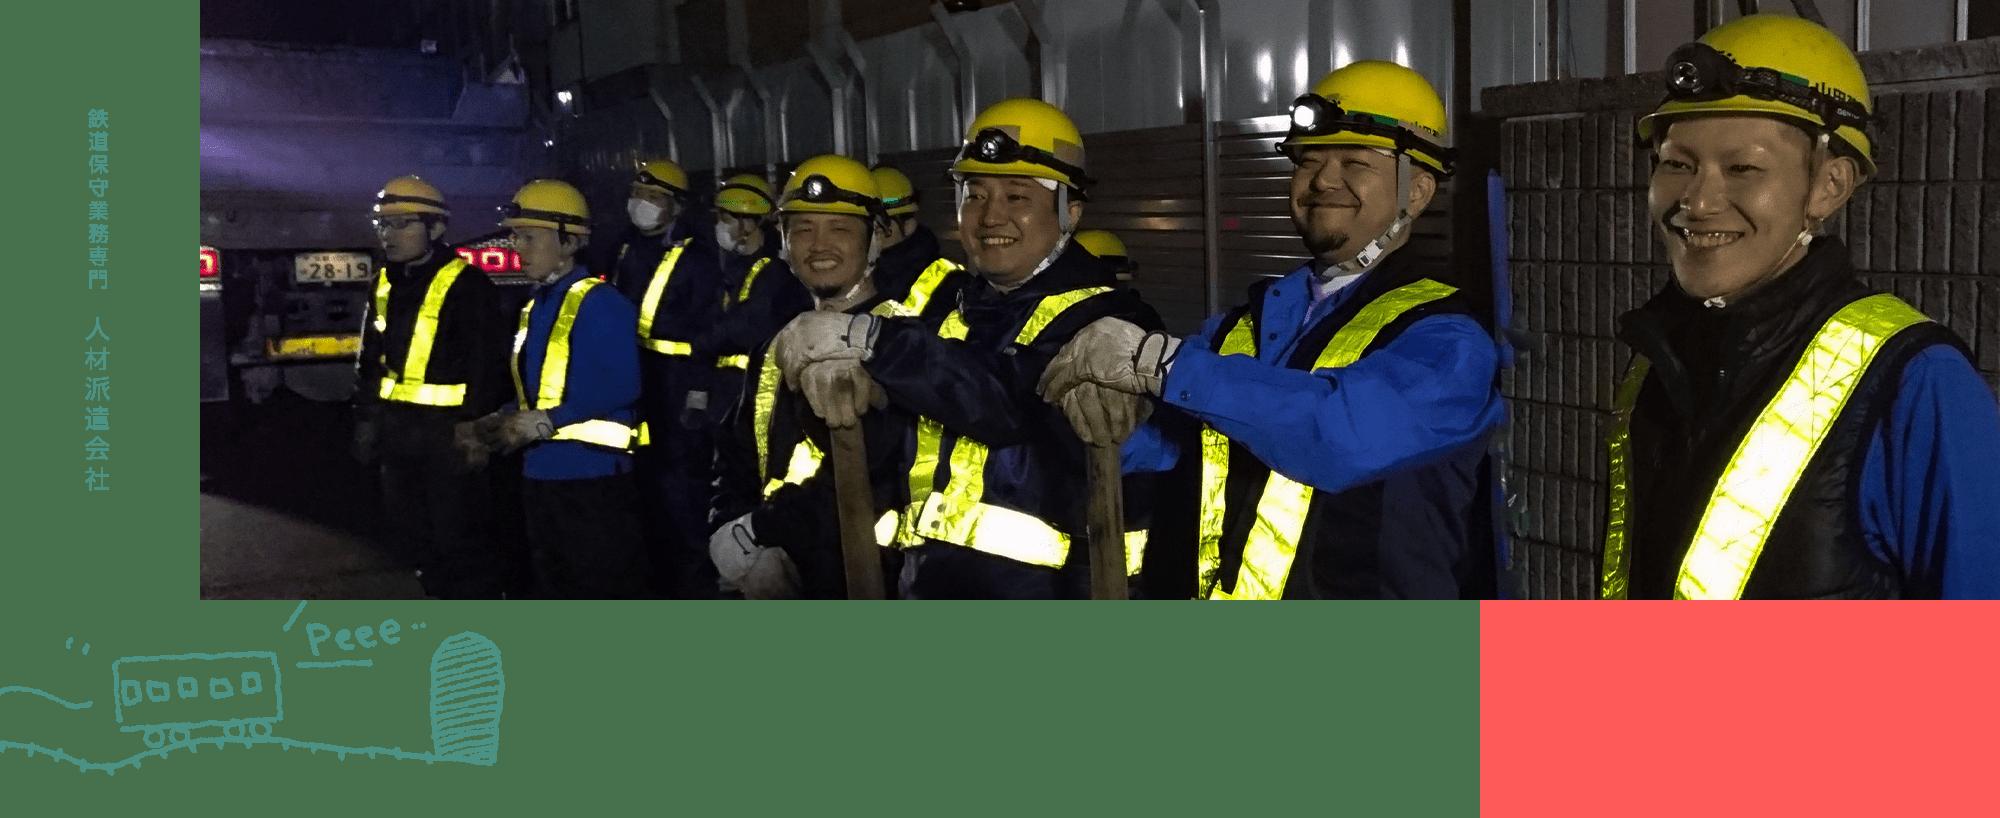 鉄道保守業務専門 人材派遣会社